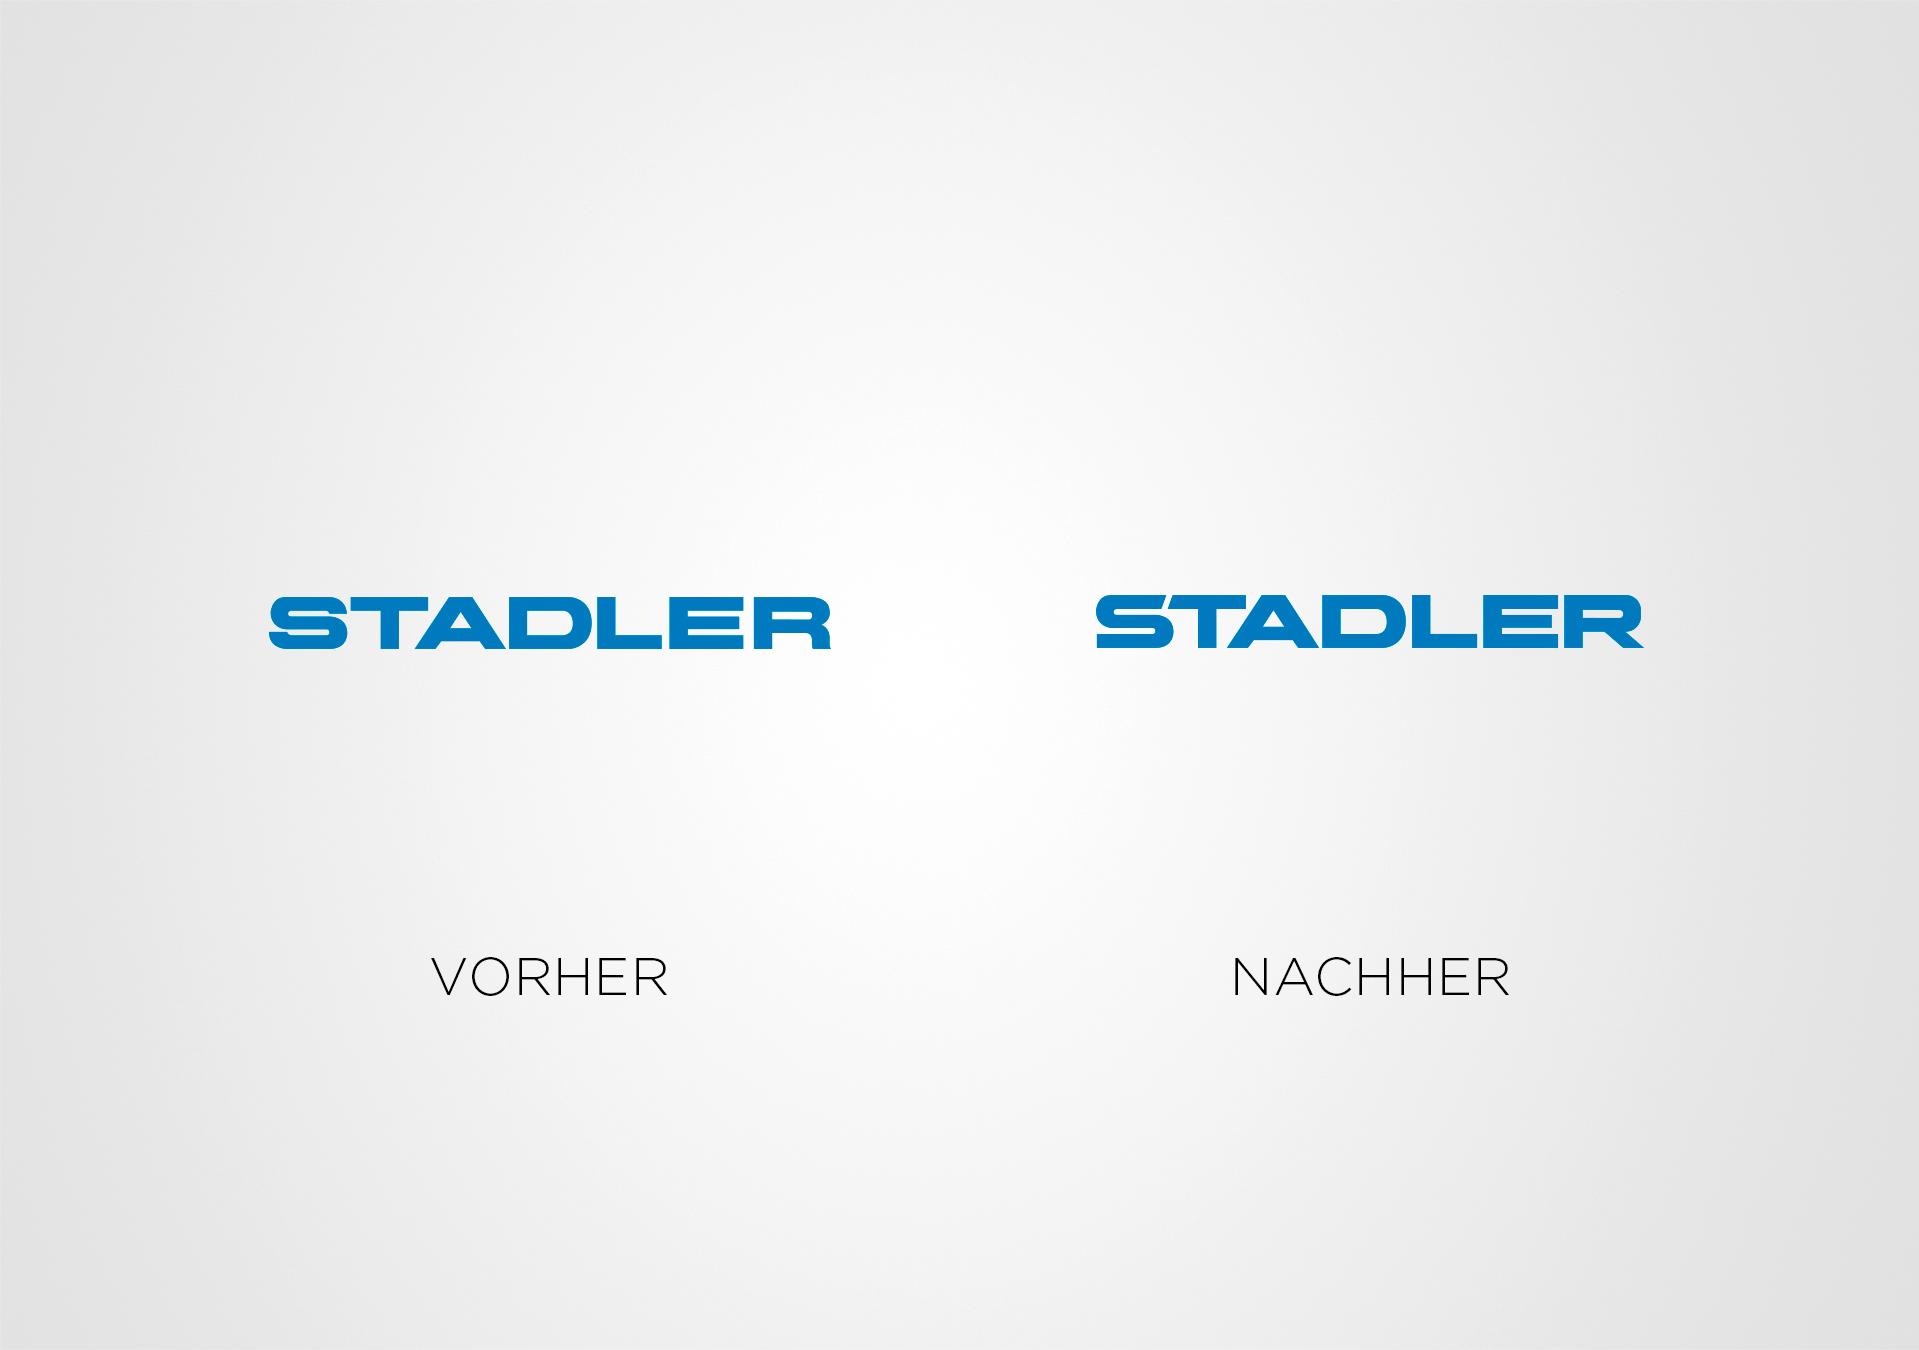 Stadler_Bilder_02.jpg